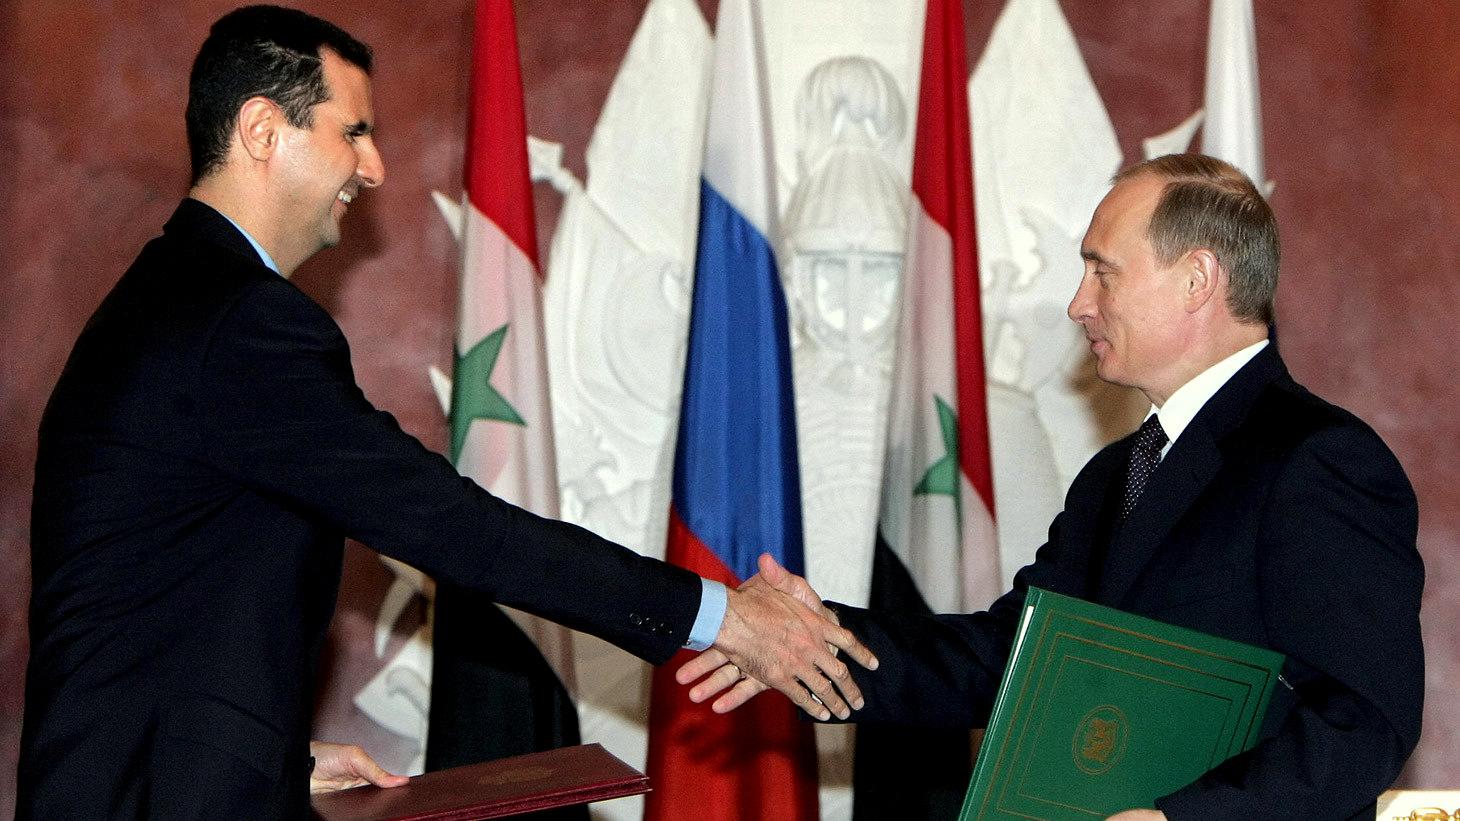 Liderul-sirian-Bashar-al-Assad-poate-conta-pe-sprijinul-militar-și-diplomatic-al-omologului-său-rus-Vladimir-Putin